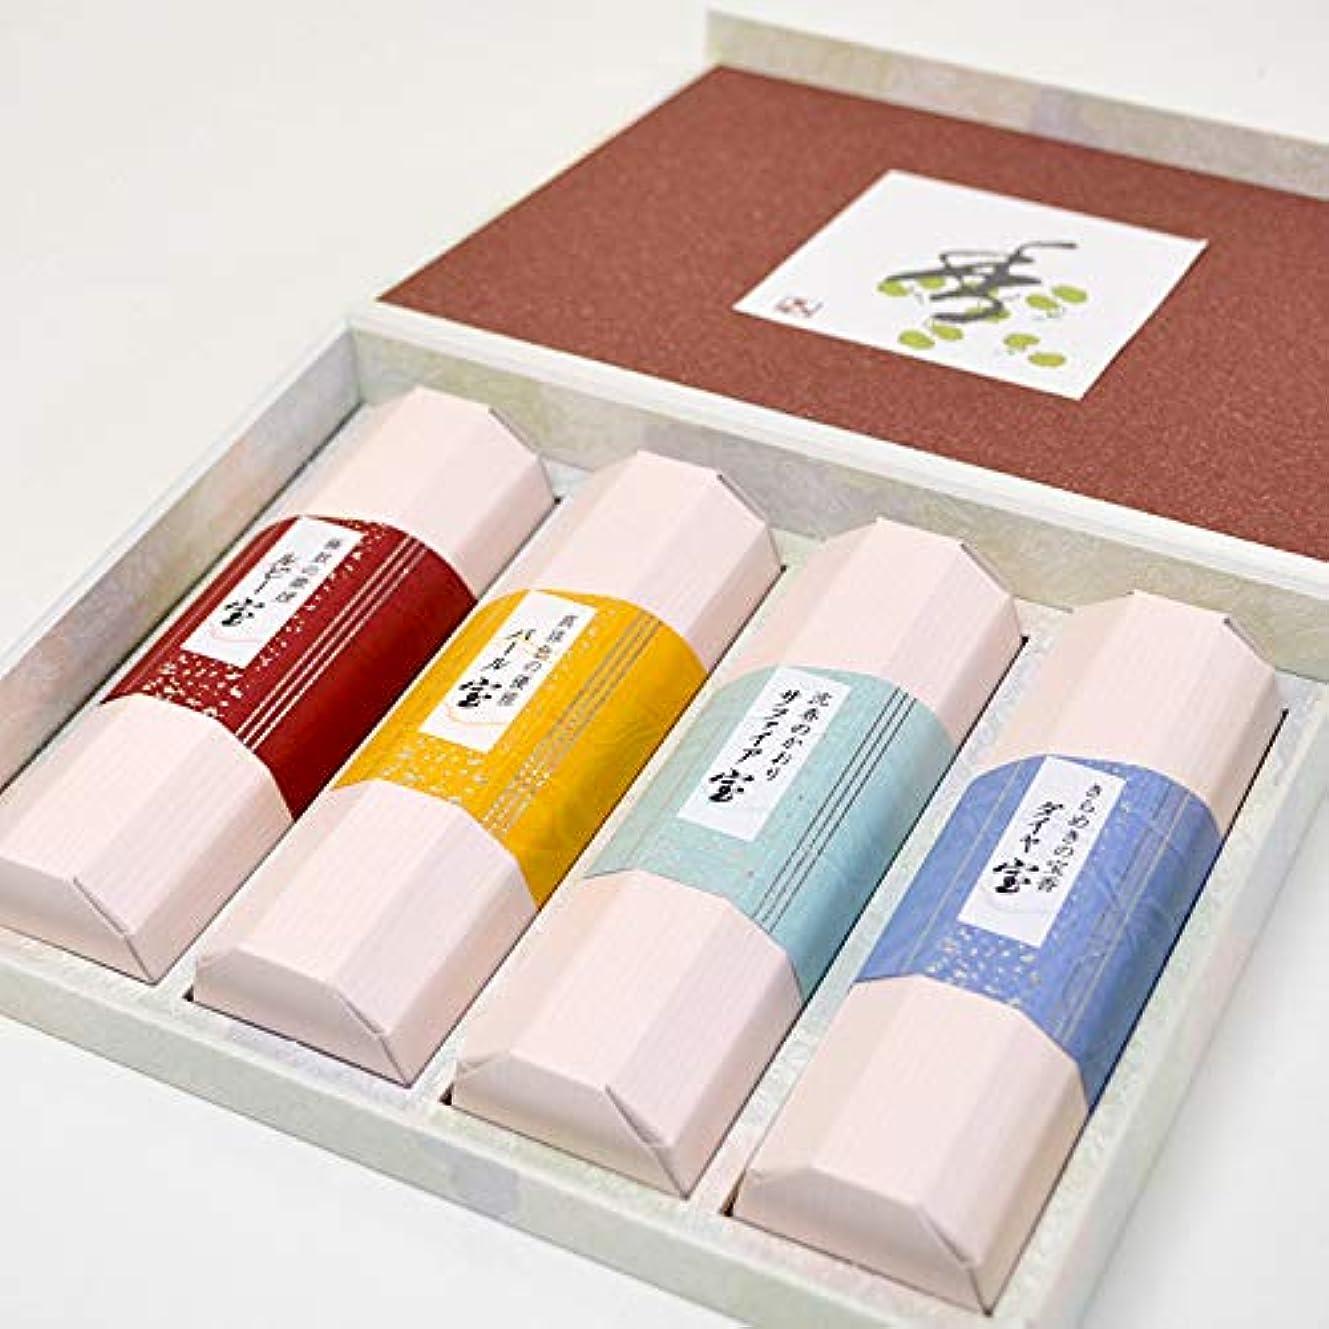 寺院思い出す必須宝 香合わせギフト4箱入 紙箱